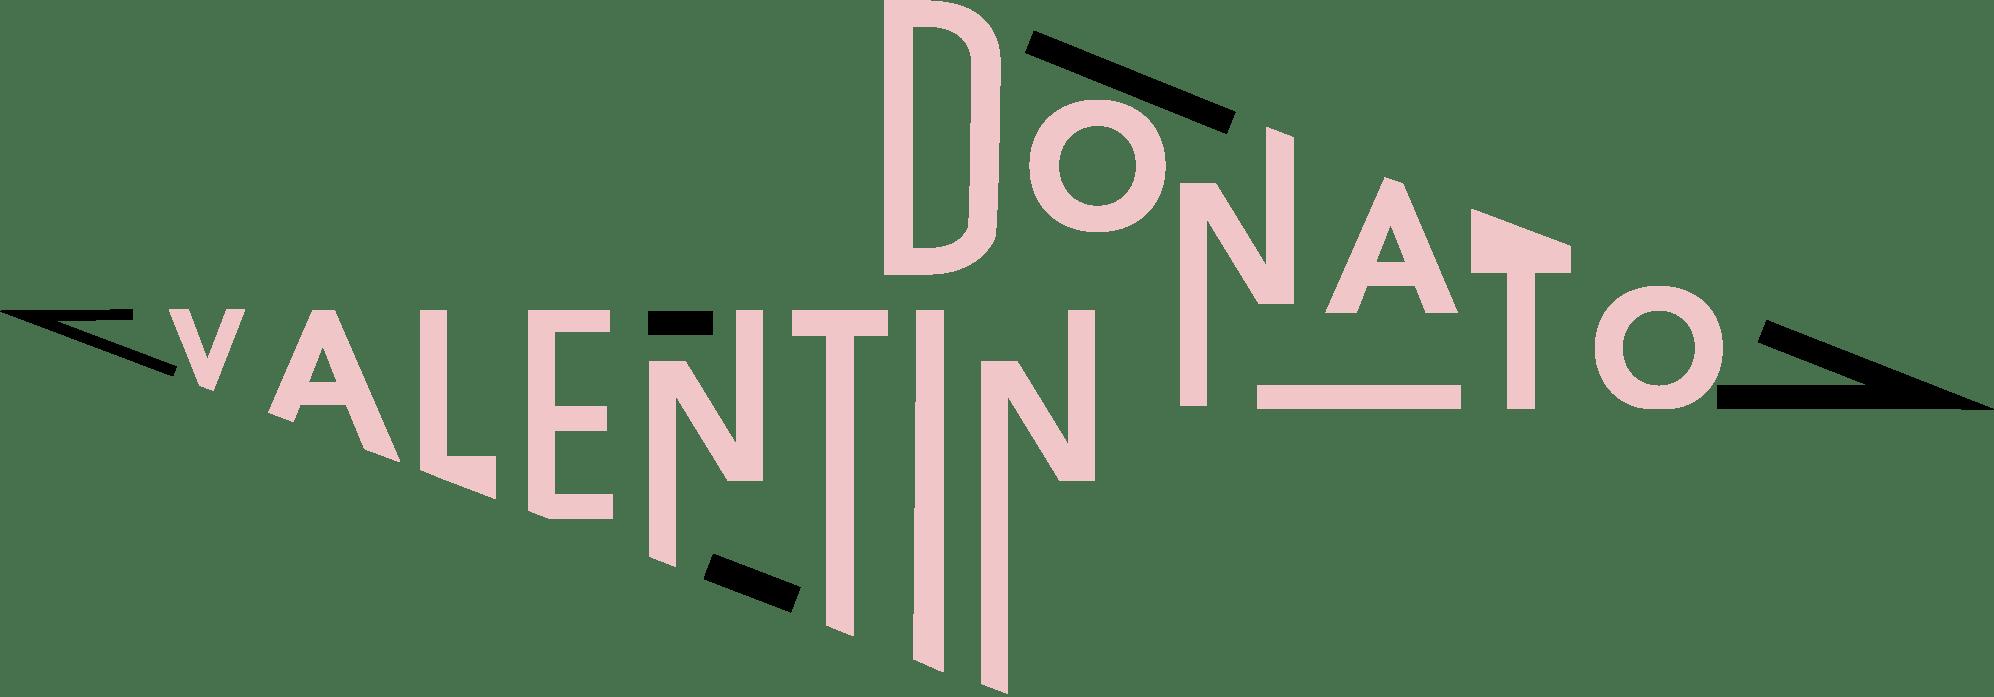 Valentin Donato